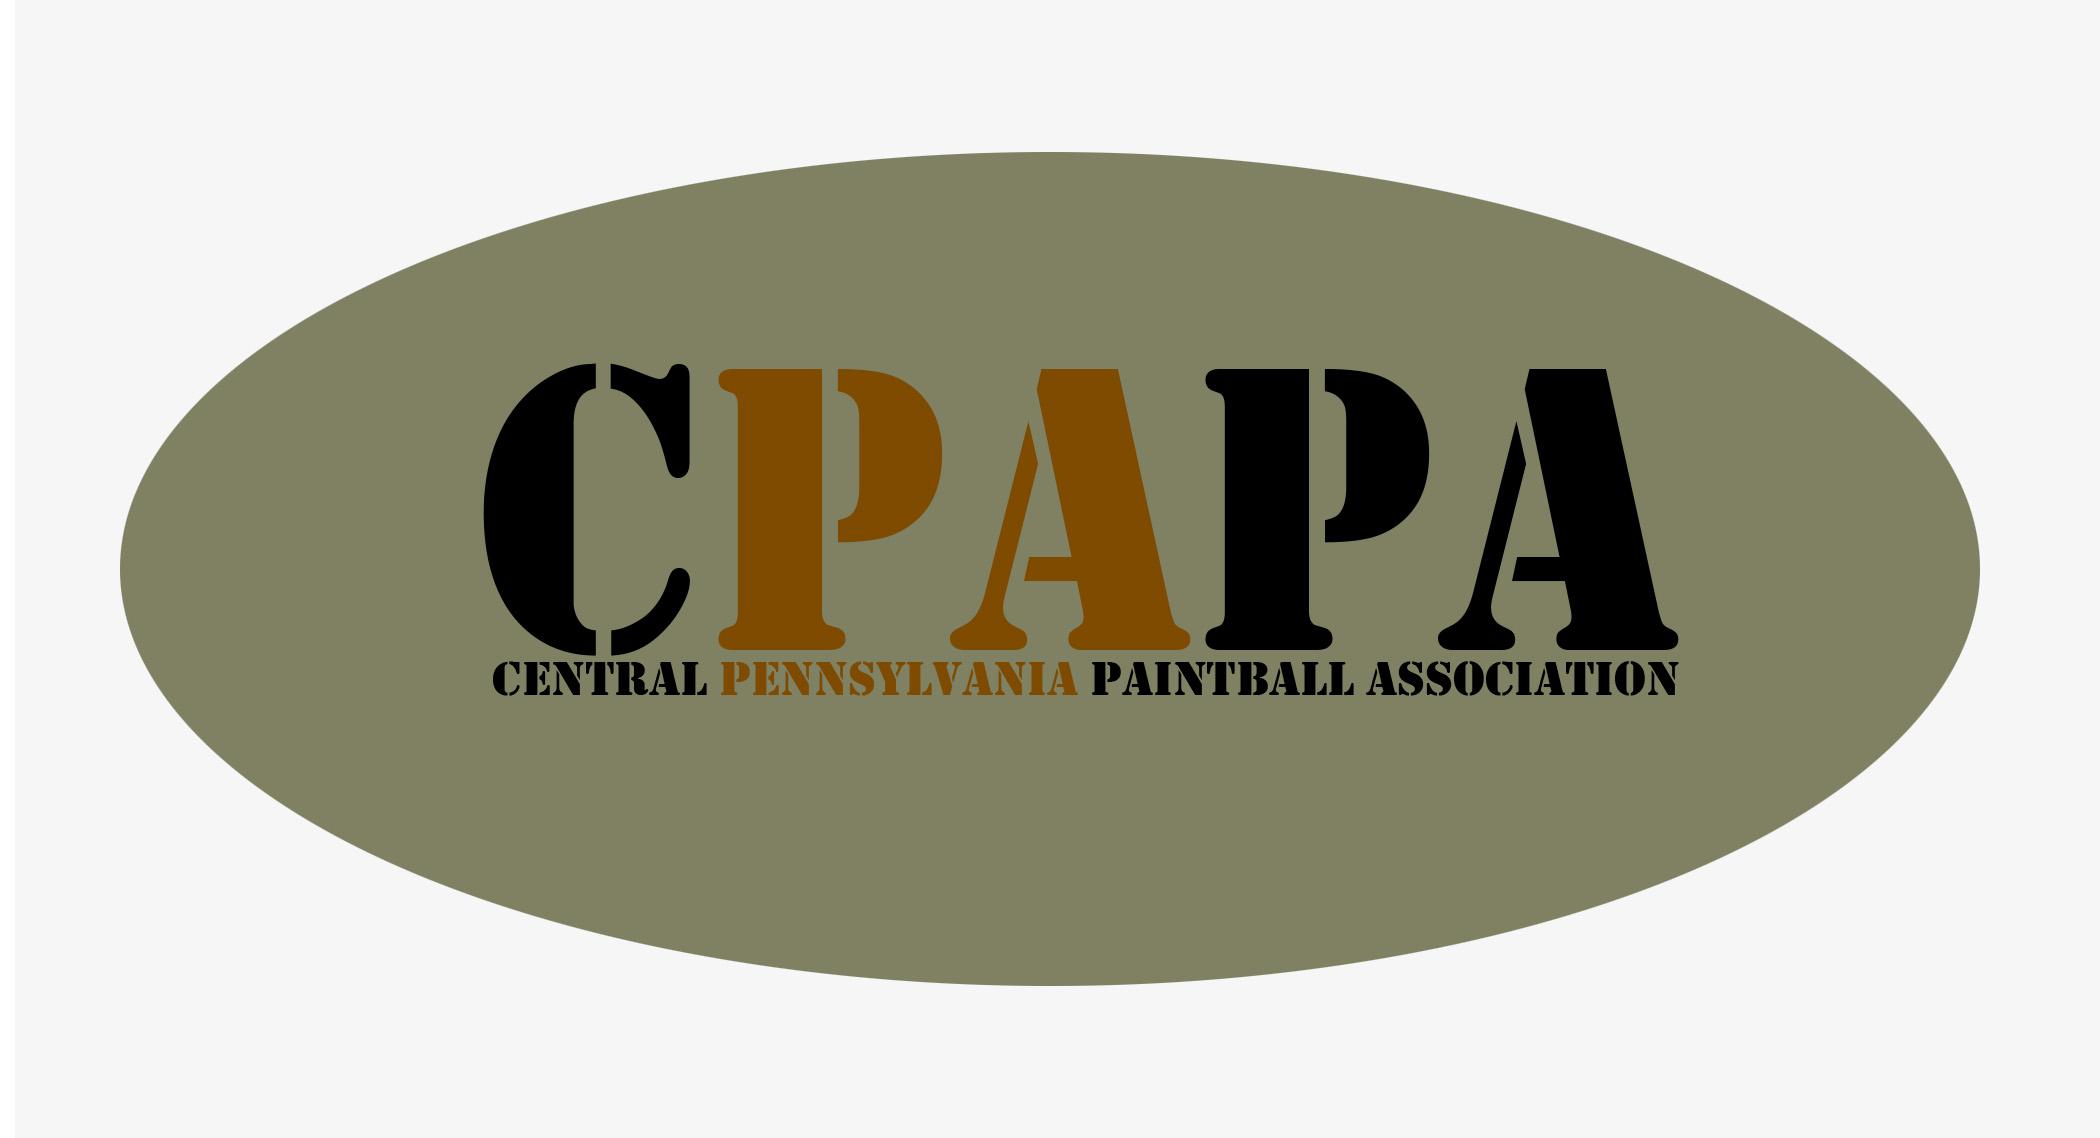 Central Pennsylvania Paintball Association